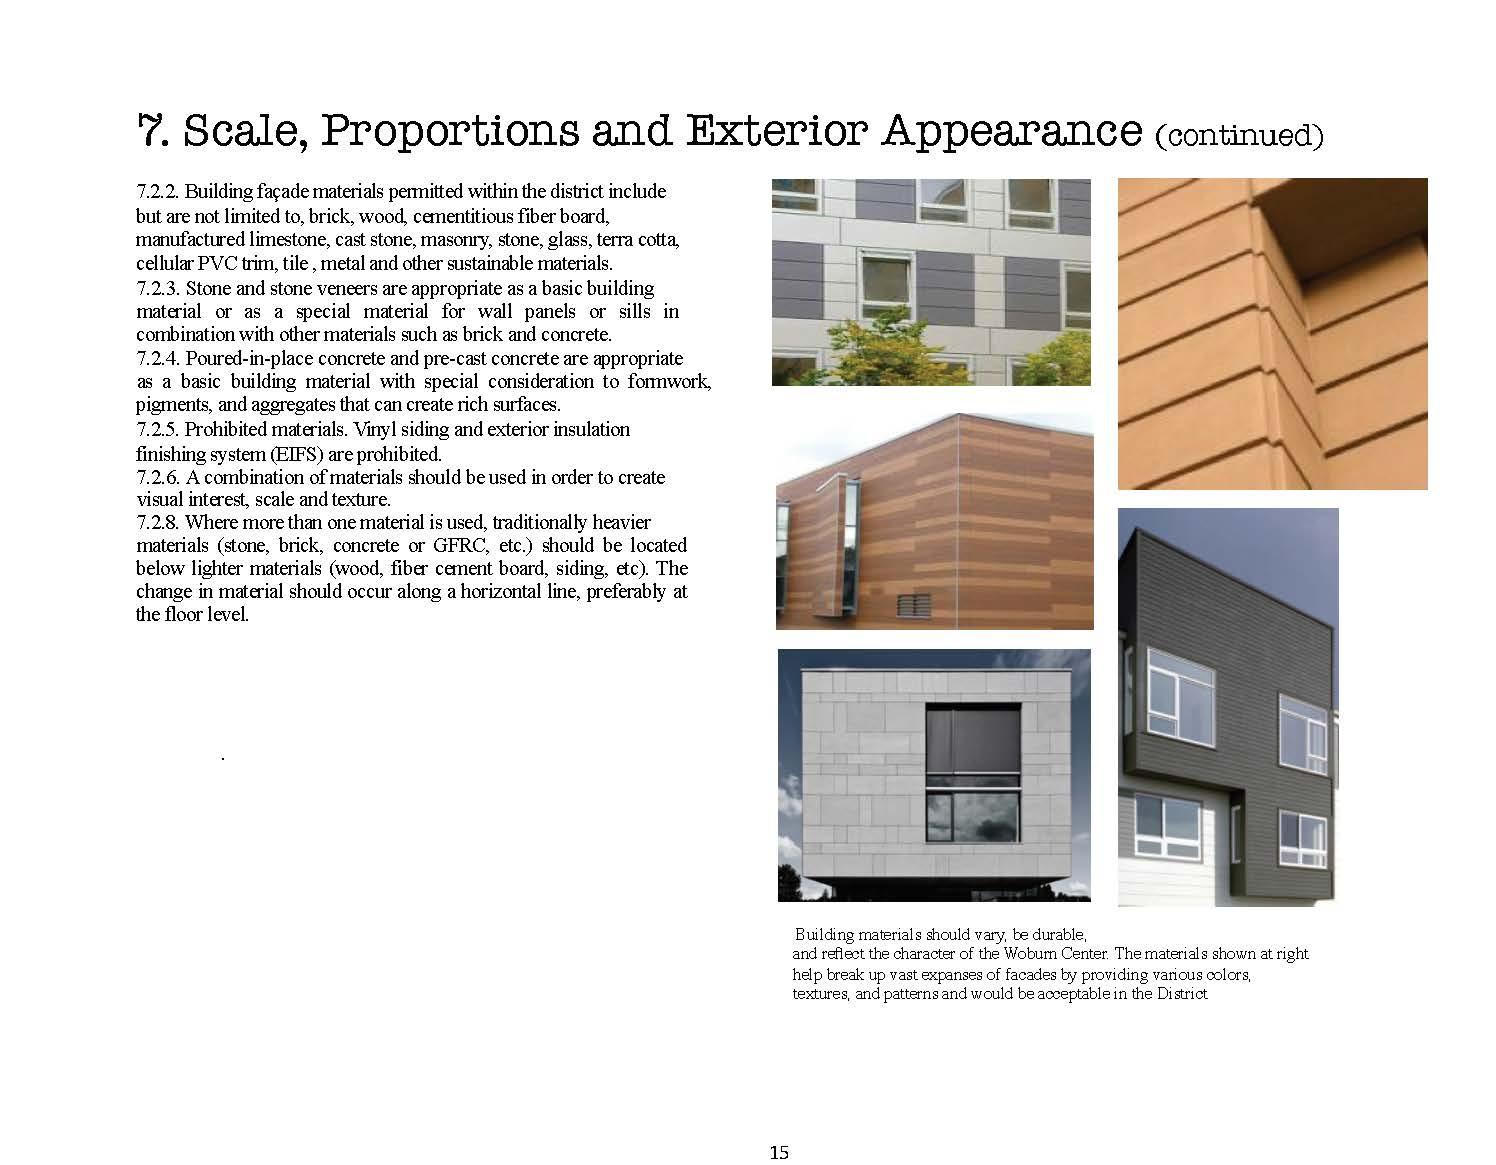 Federal_Woburn_Design Standards_v071017r_Page_15.jpg